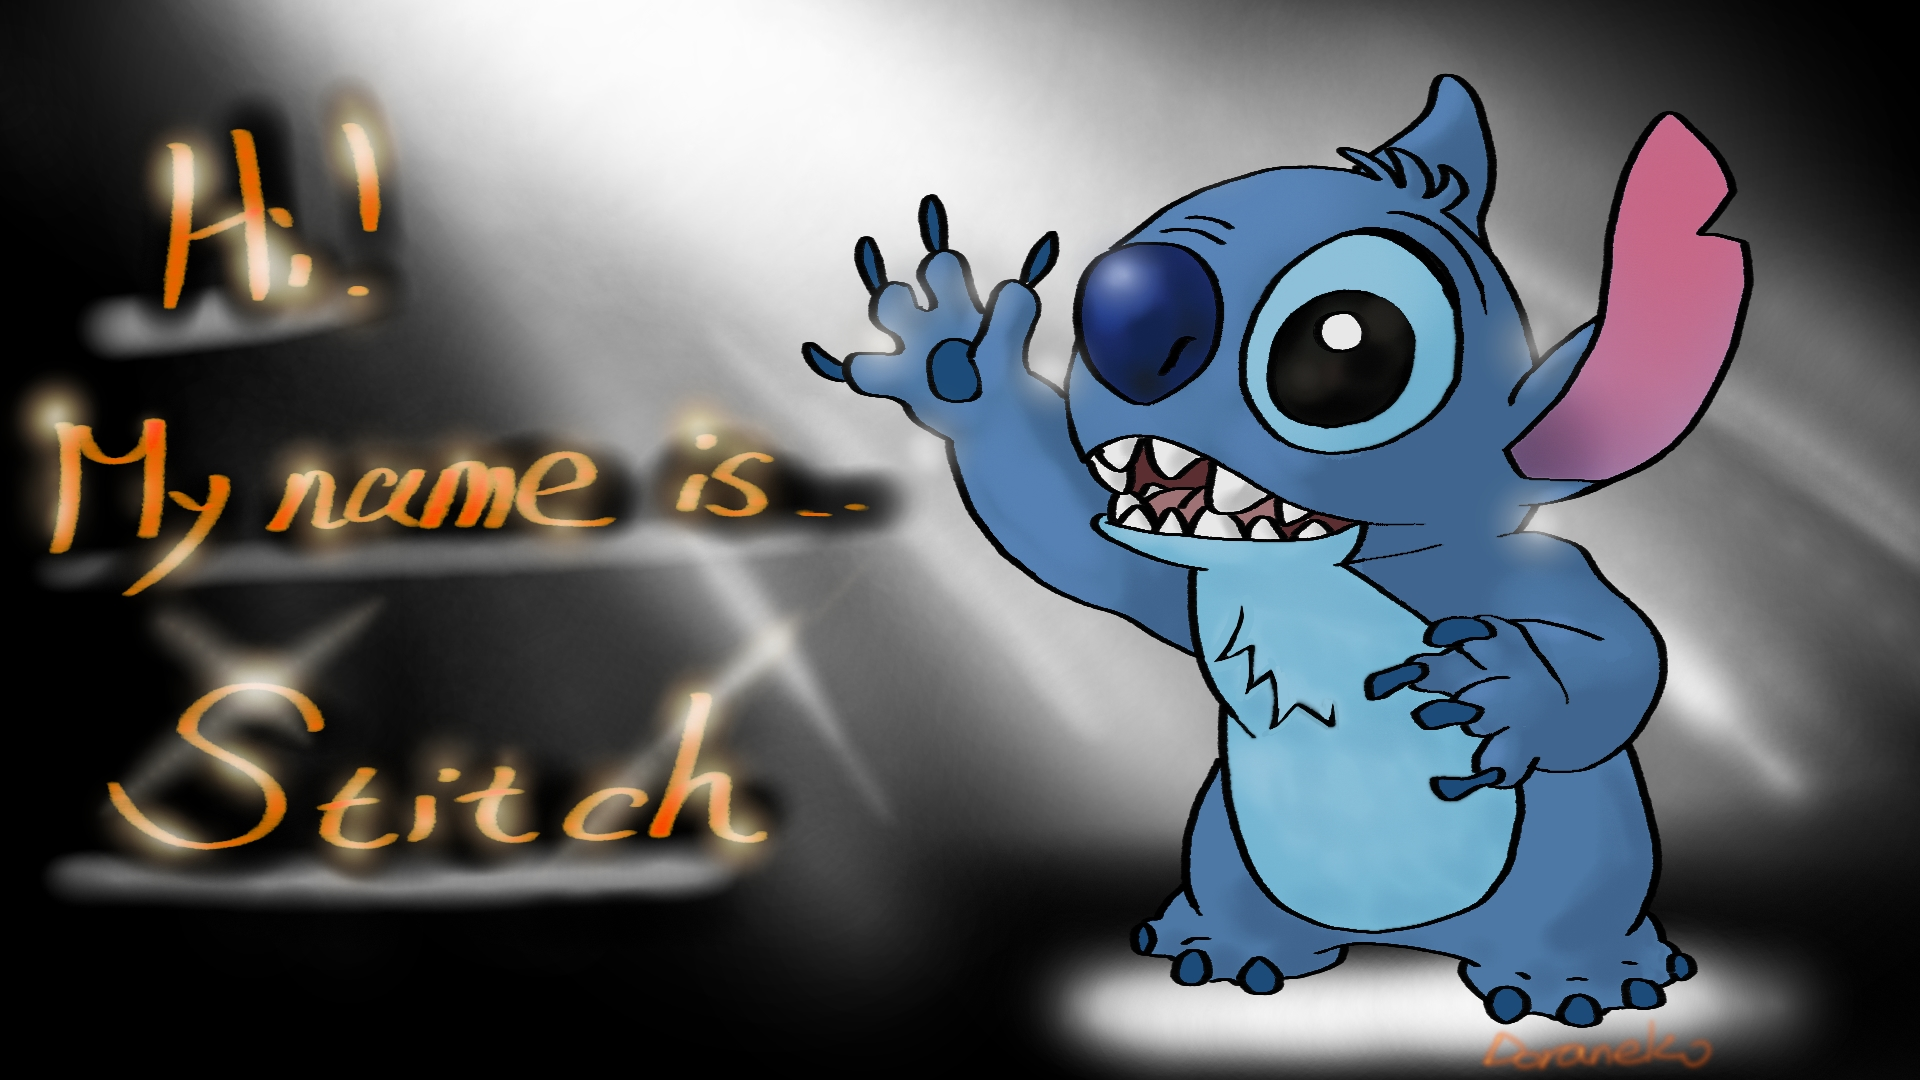 Hi Stitch